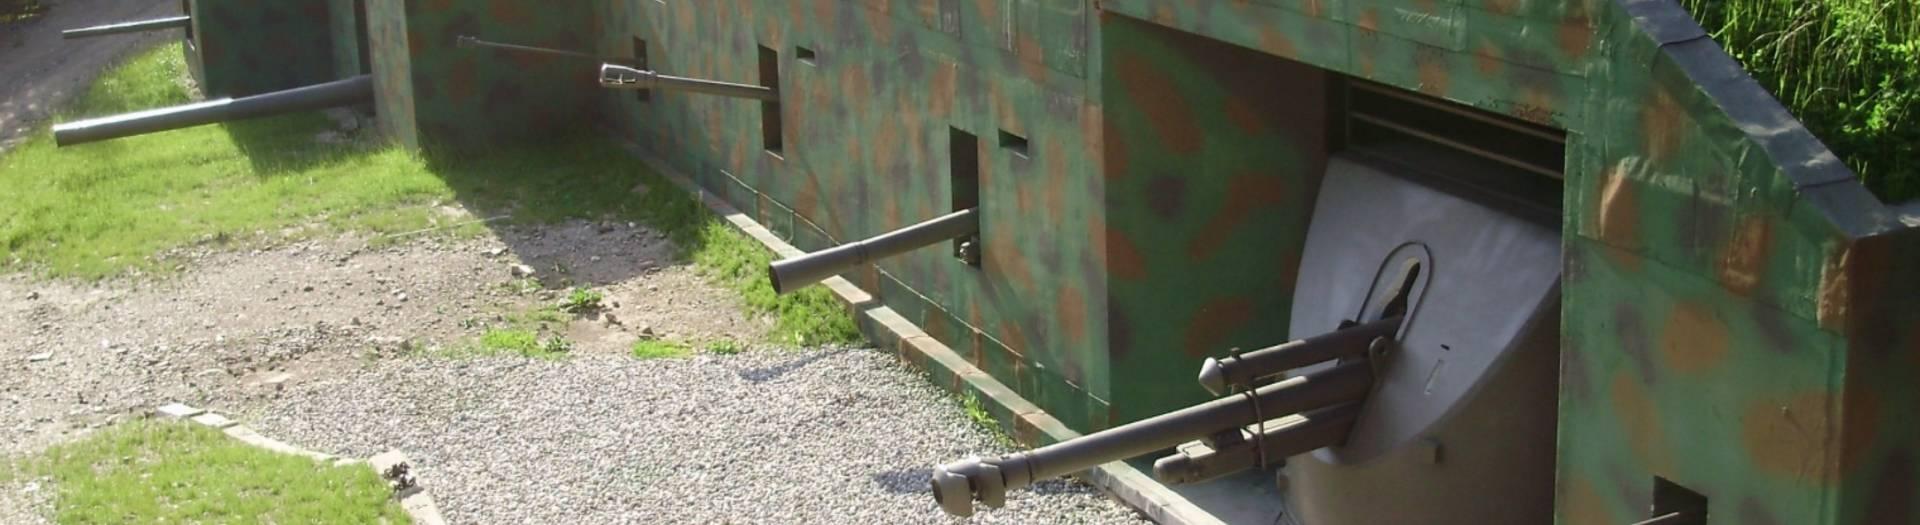 Bunkermuseum am Wurzenpass